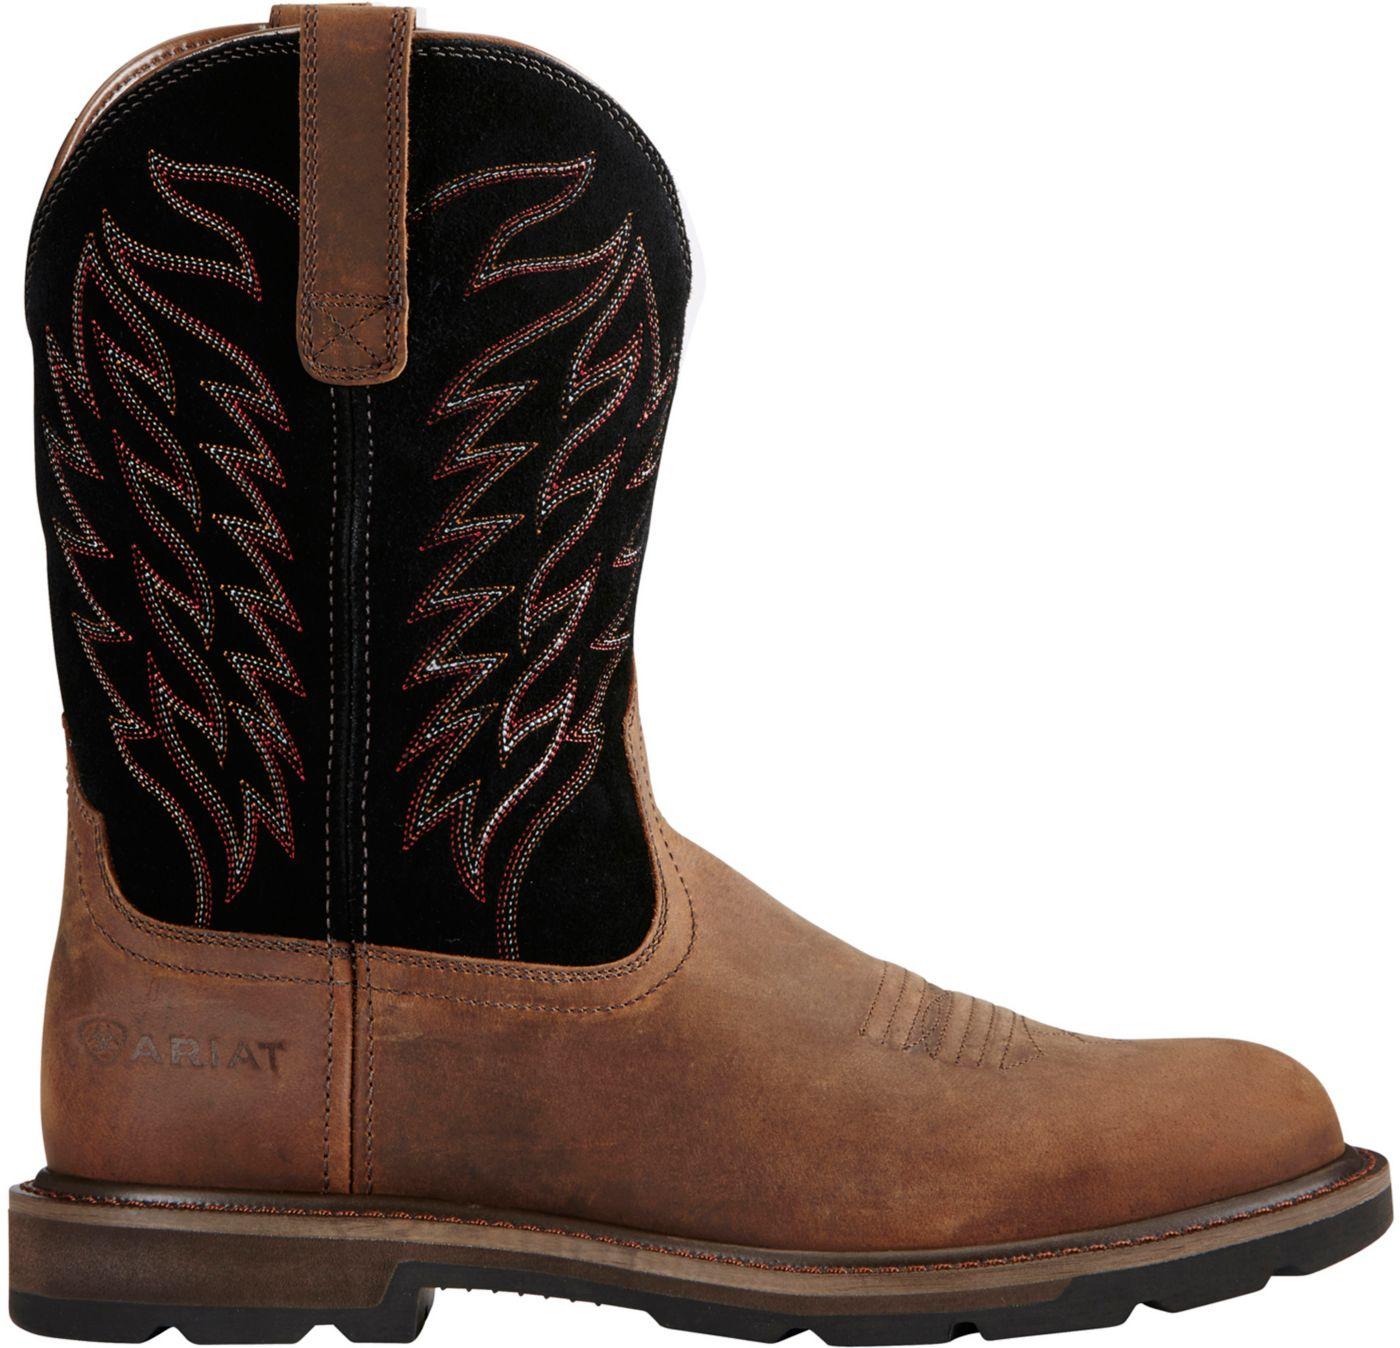 Ariat Men's Groundbreaker Western Work Boots